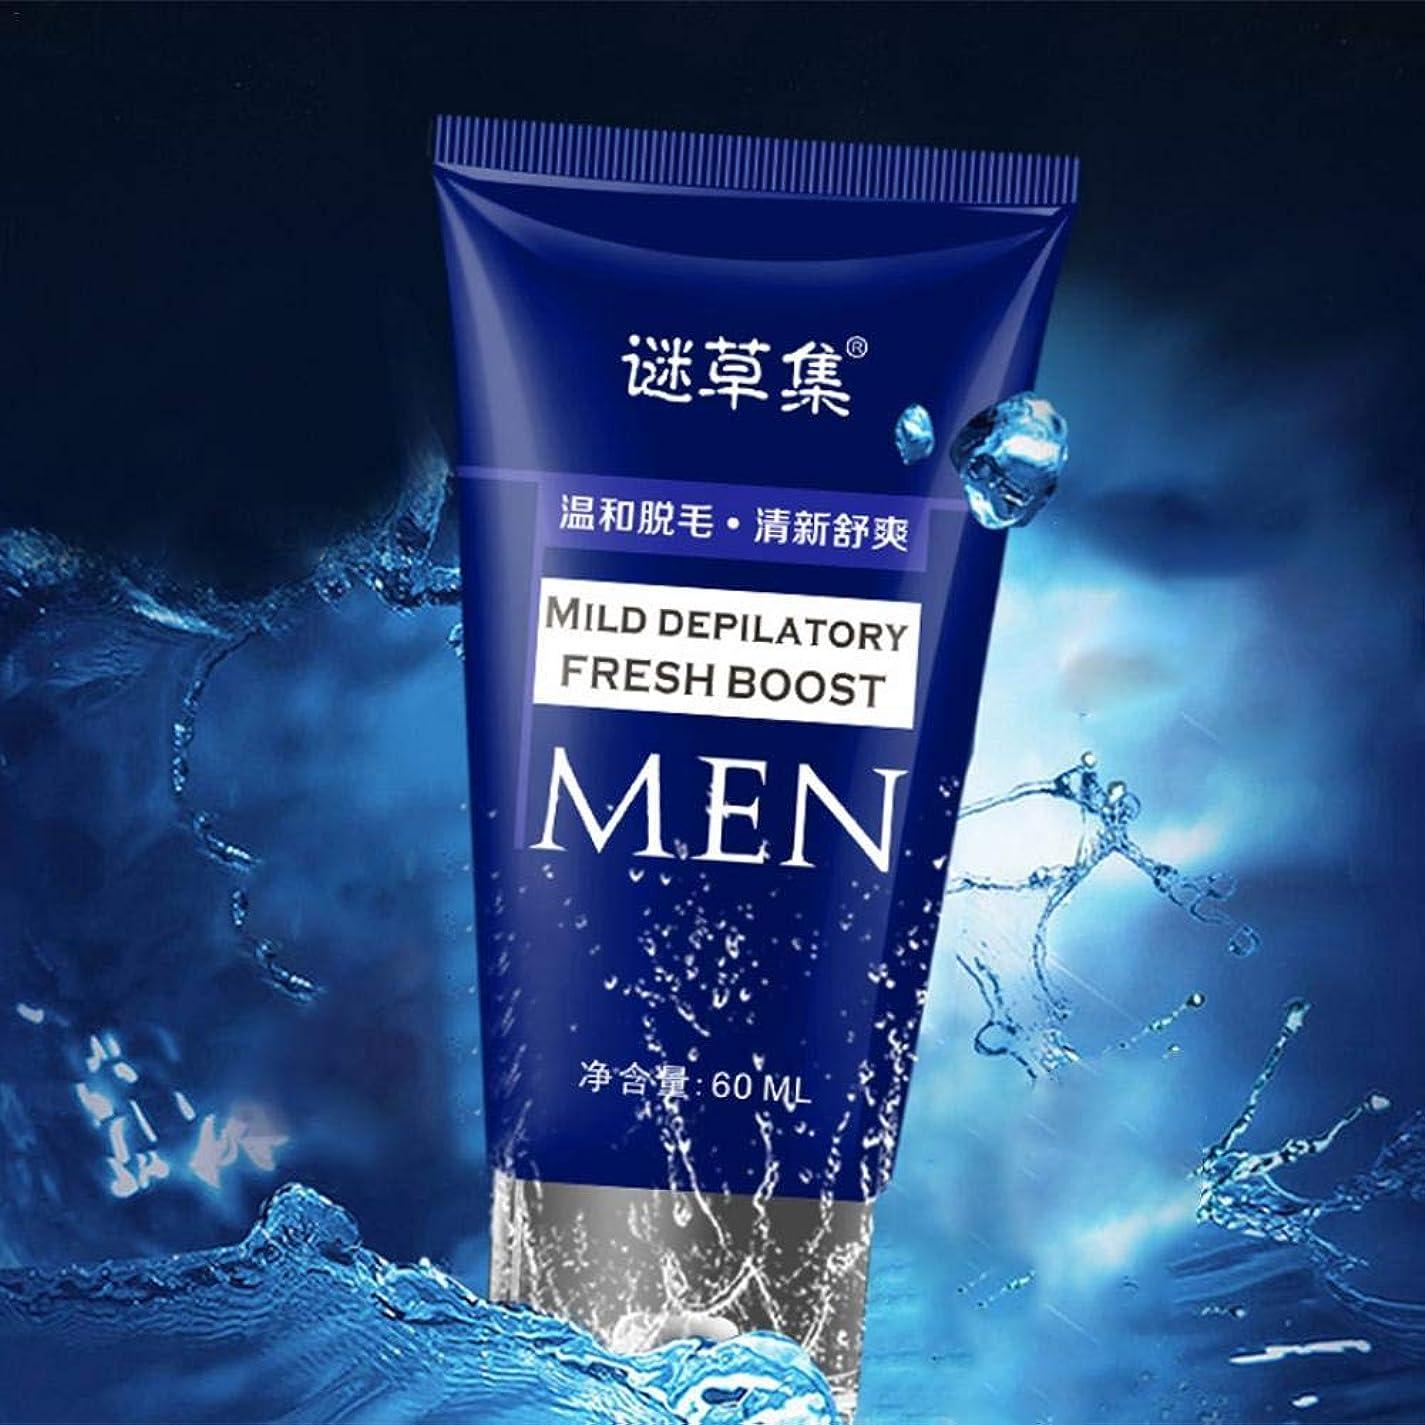 ベンチャー縁石スマイル60ml 薬用除毛剤 除毛 脱毛クリーム 無痛無害 メンズ 敏感肌用 すべての肌タイプ 使用可能